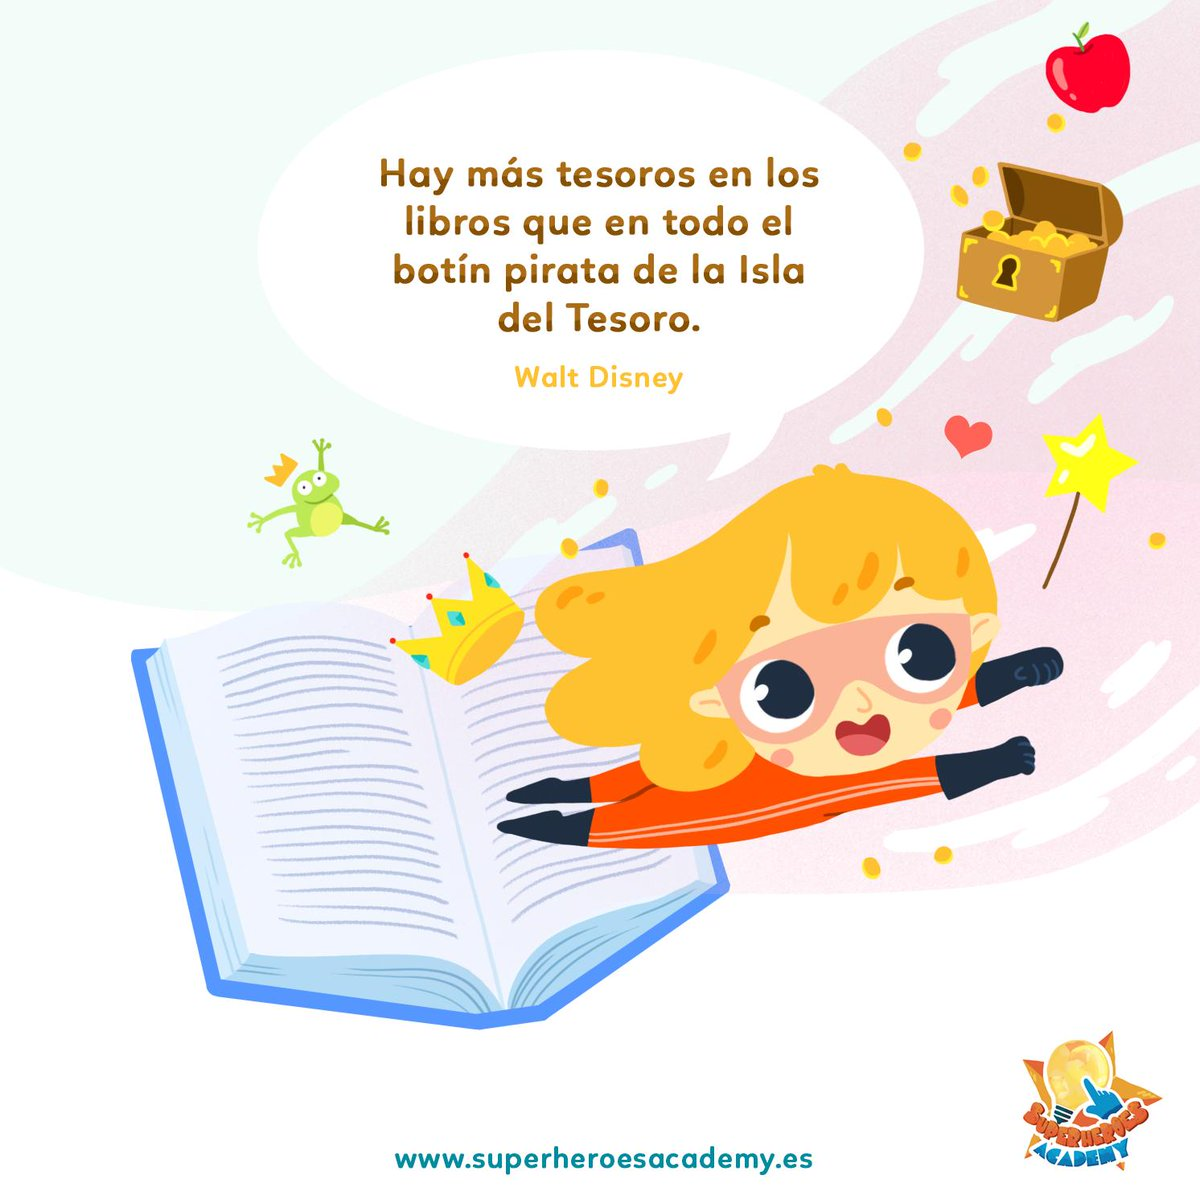 """Superheroes Academy en Twitter: """"Feliz día del Libro a todos, Superhéroes 📖 Cuéntanos, ¿qué libro te estás leyendo ahora? #SuperheroesAcademy #AprenderEsDivertido #AppKids #AppEducativa #DiaDelLibro… https://t.co/HzfF8XFS3Y"""""""